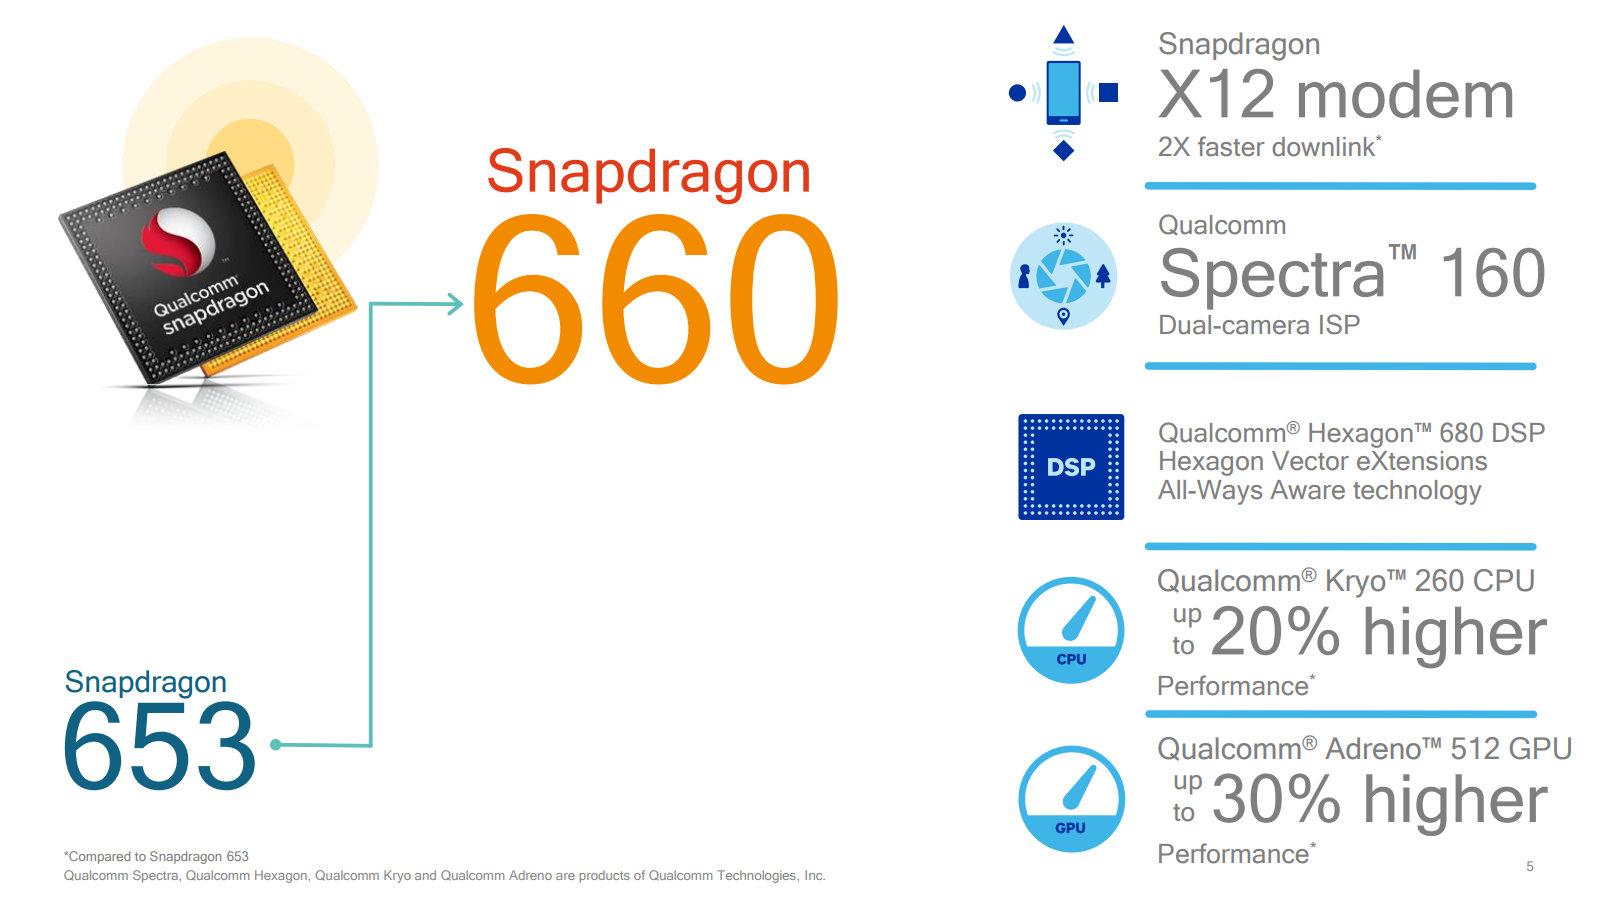 20 und 30 Prozent mehr Leistung für die CPU und GPU